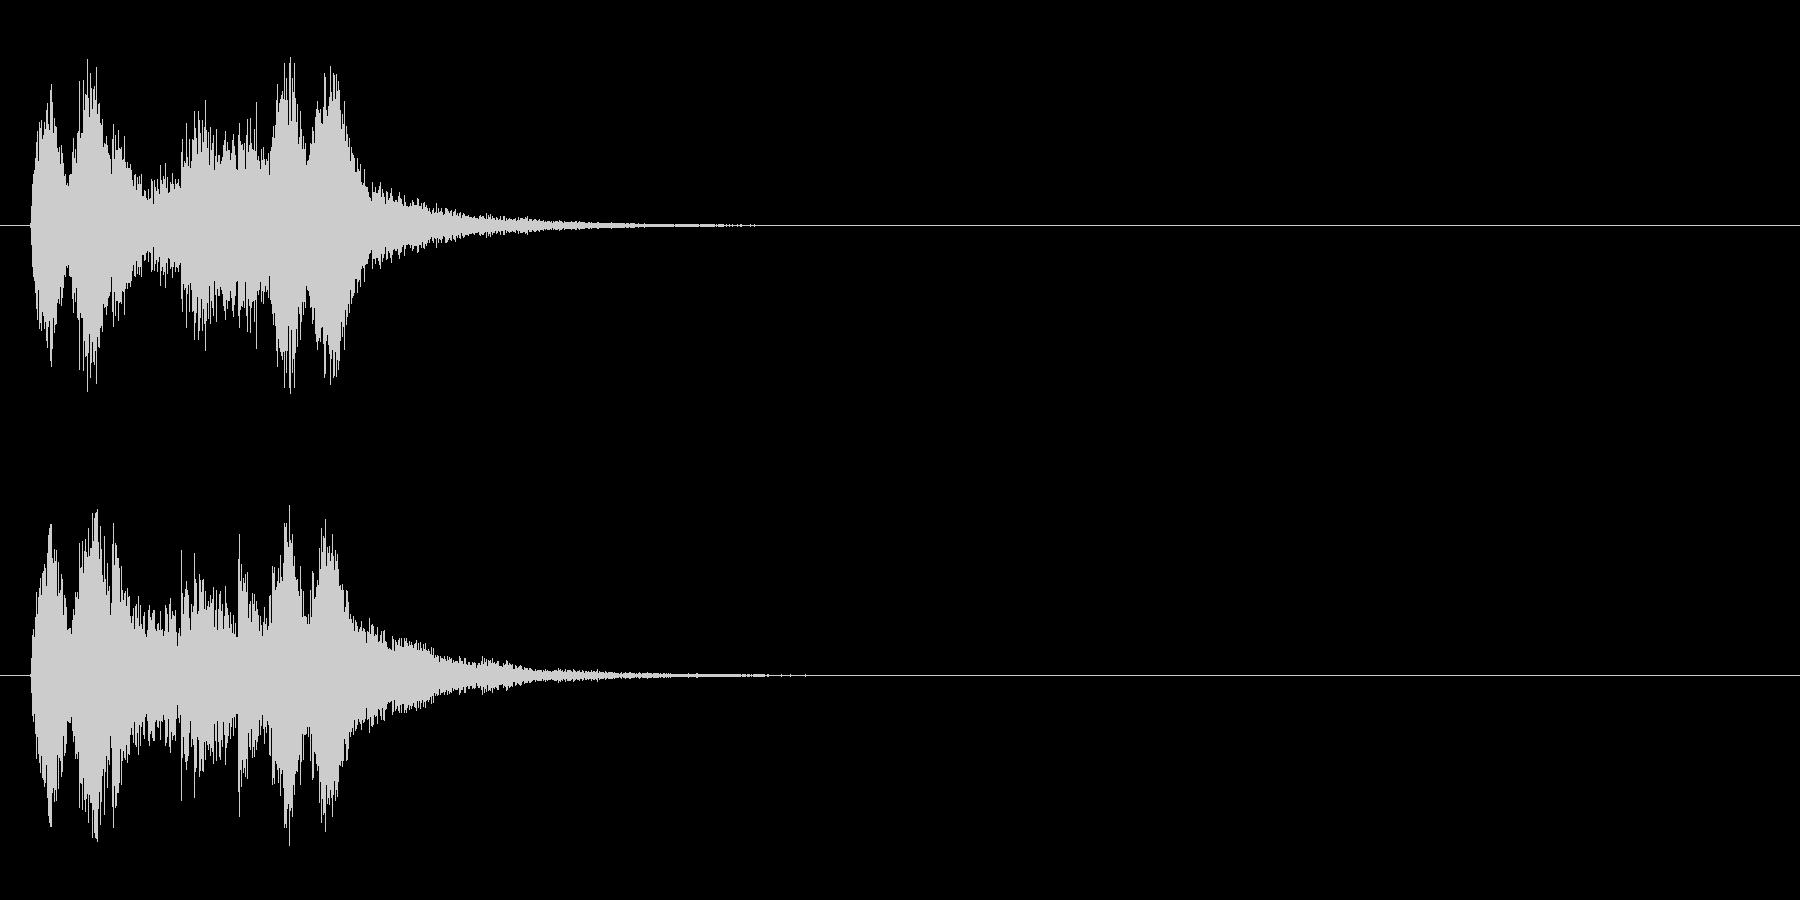 ジングル(サスペンス風/マイナー)の未再生の波形